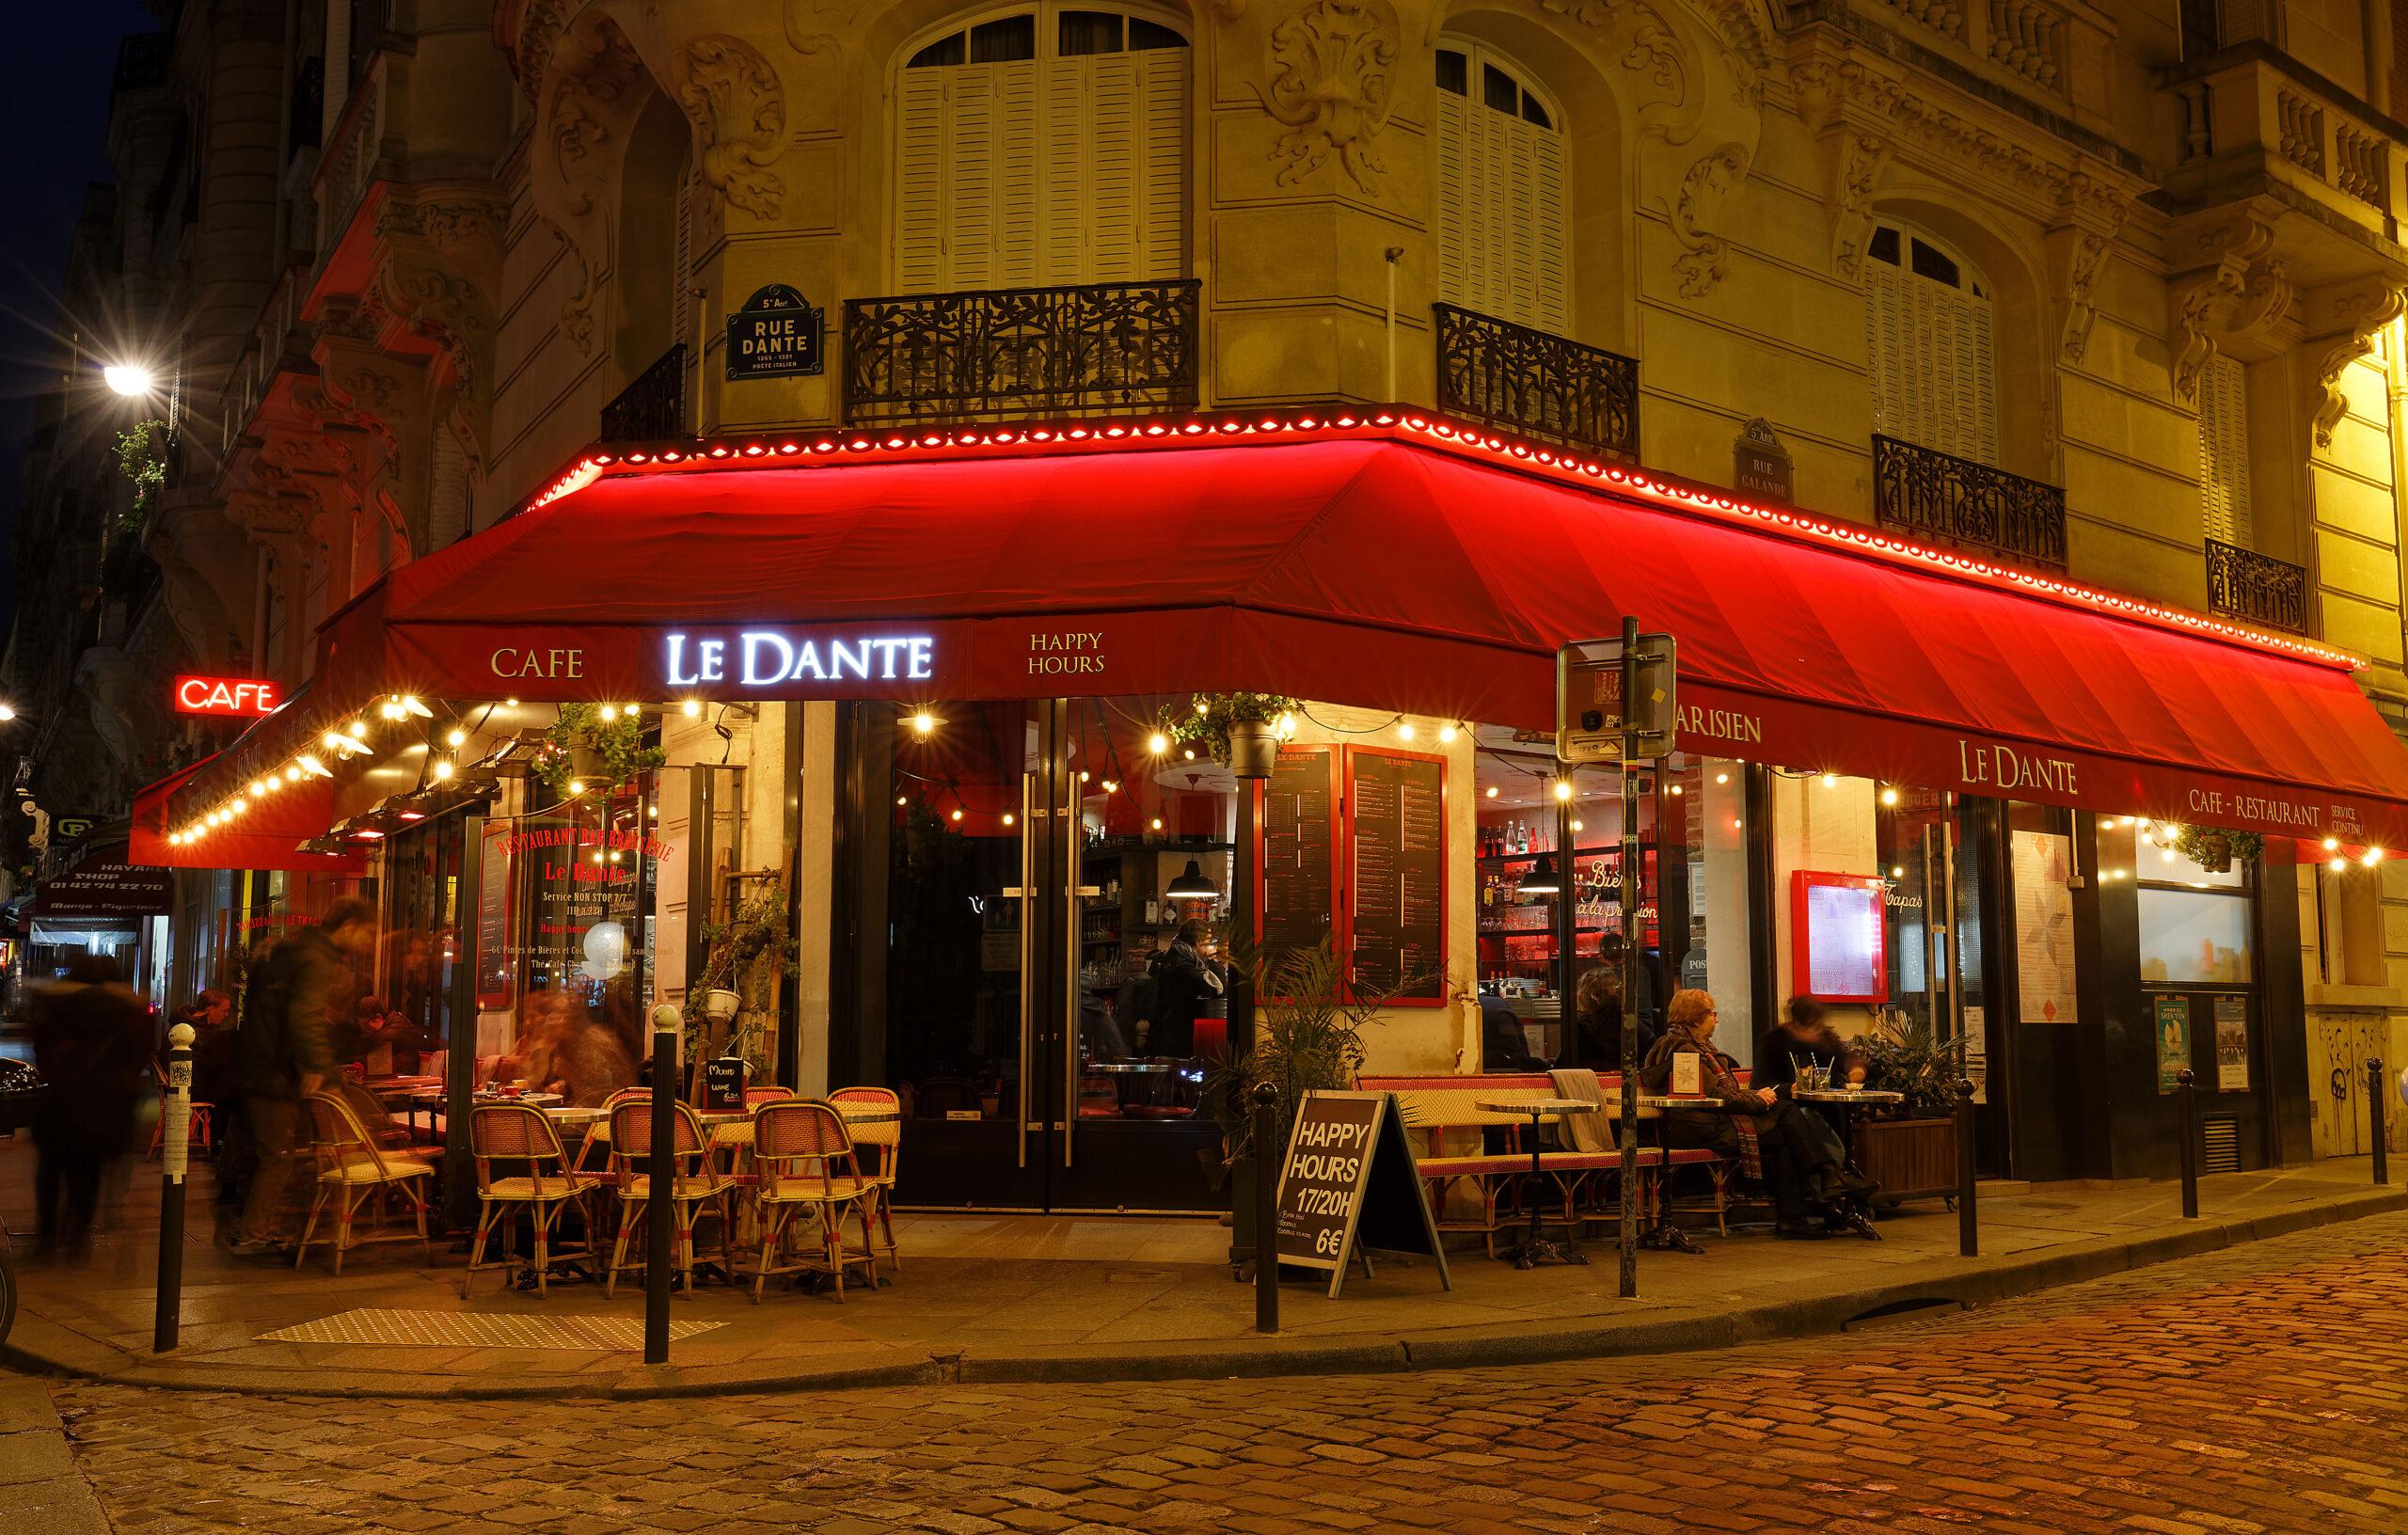 Latinerkvarteret Paris restaurant Sorbonne universitet